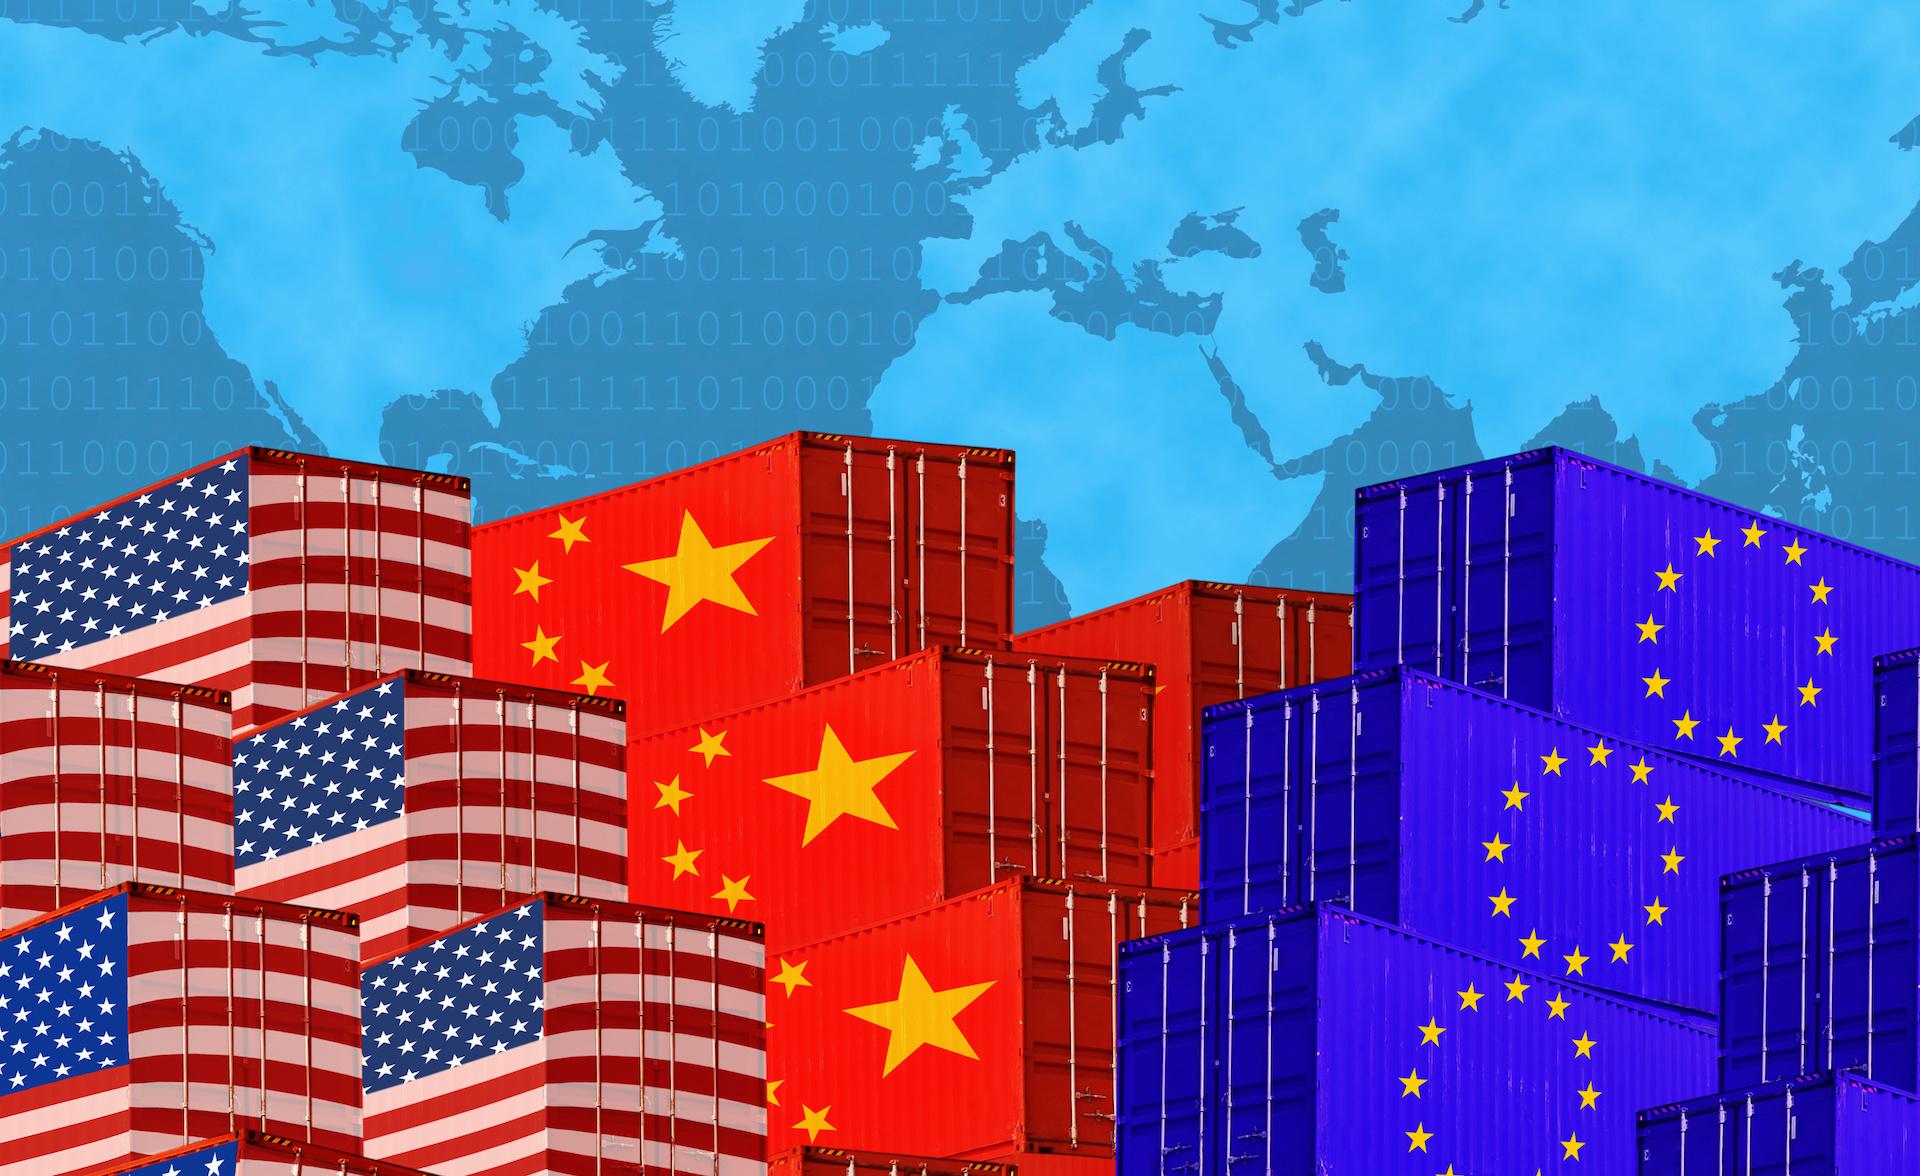 Ο Αντώνης Κεφαλάς με αφορμή τα ευρωπαϊκά κονδύλια που θα δοθούν με όρους είτε ως δάνεια, είτε ως επιχογηρήσεις προεκτείνει την σκέψη του στο ευρωπαϊκό όνειρο που βρίσκεται σε ιστορικό σταυροδρόμι. Στην αυγή για τον νέο Ψυχρό Πόλεμο, η Ευρώπη καλείται να παίξει εξισορροπητικό ρόλο ανάμεσα στις ΗΠΑ και την Κίνα. new deal